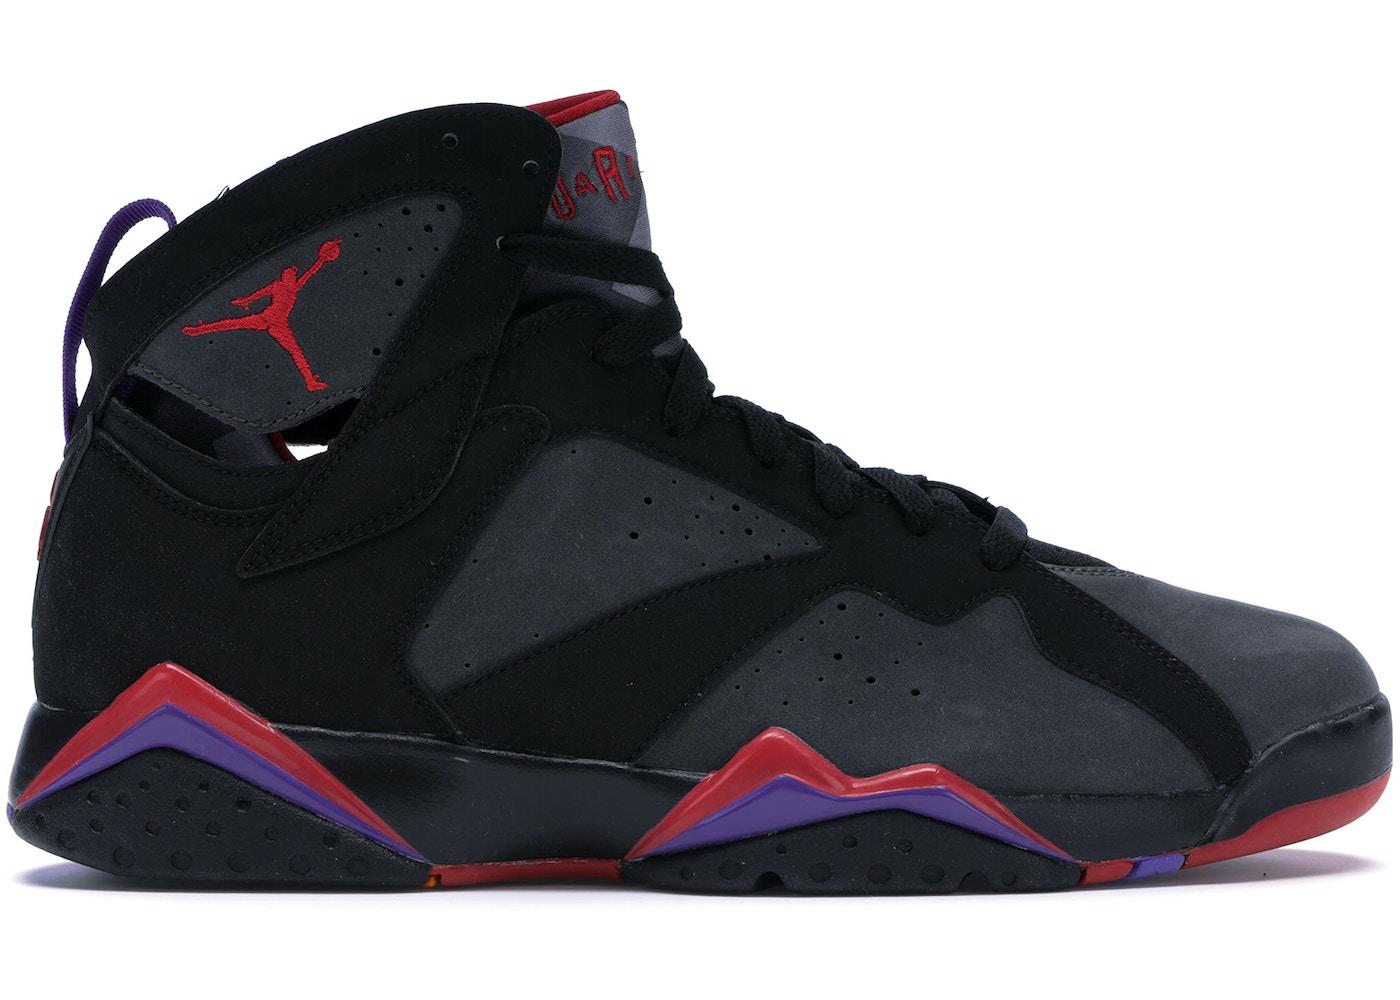 faf4f746141f7c Jordan 7 Retro DMP Raptors - 304775 043